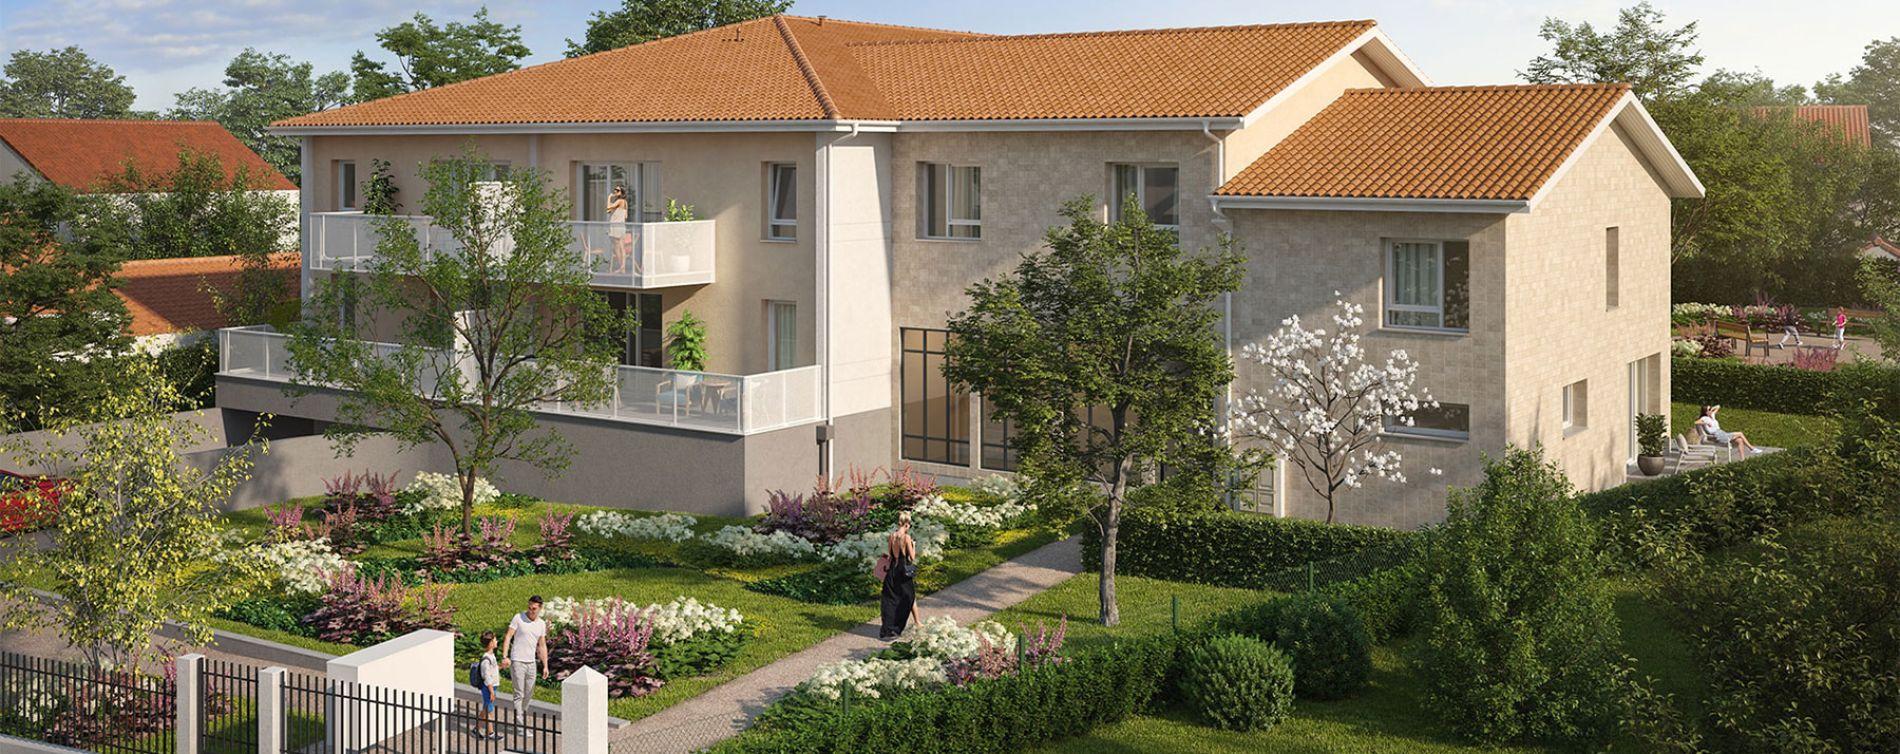 Villenave-d'Ornon : programme immobilier neuve « Le Jardin d'Amanieu » (2)